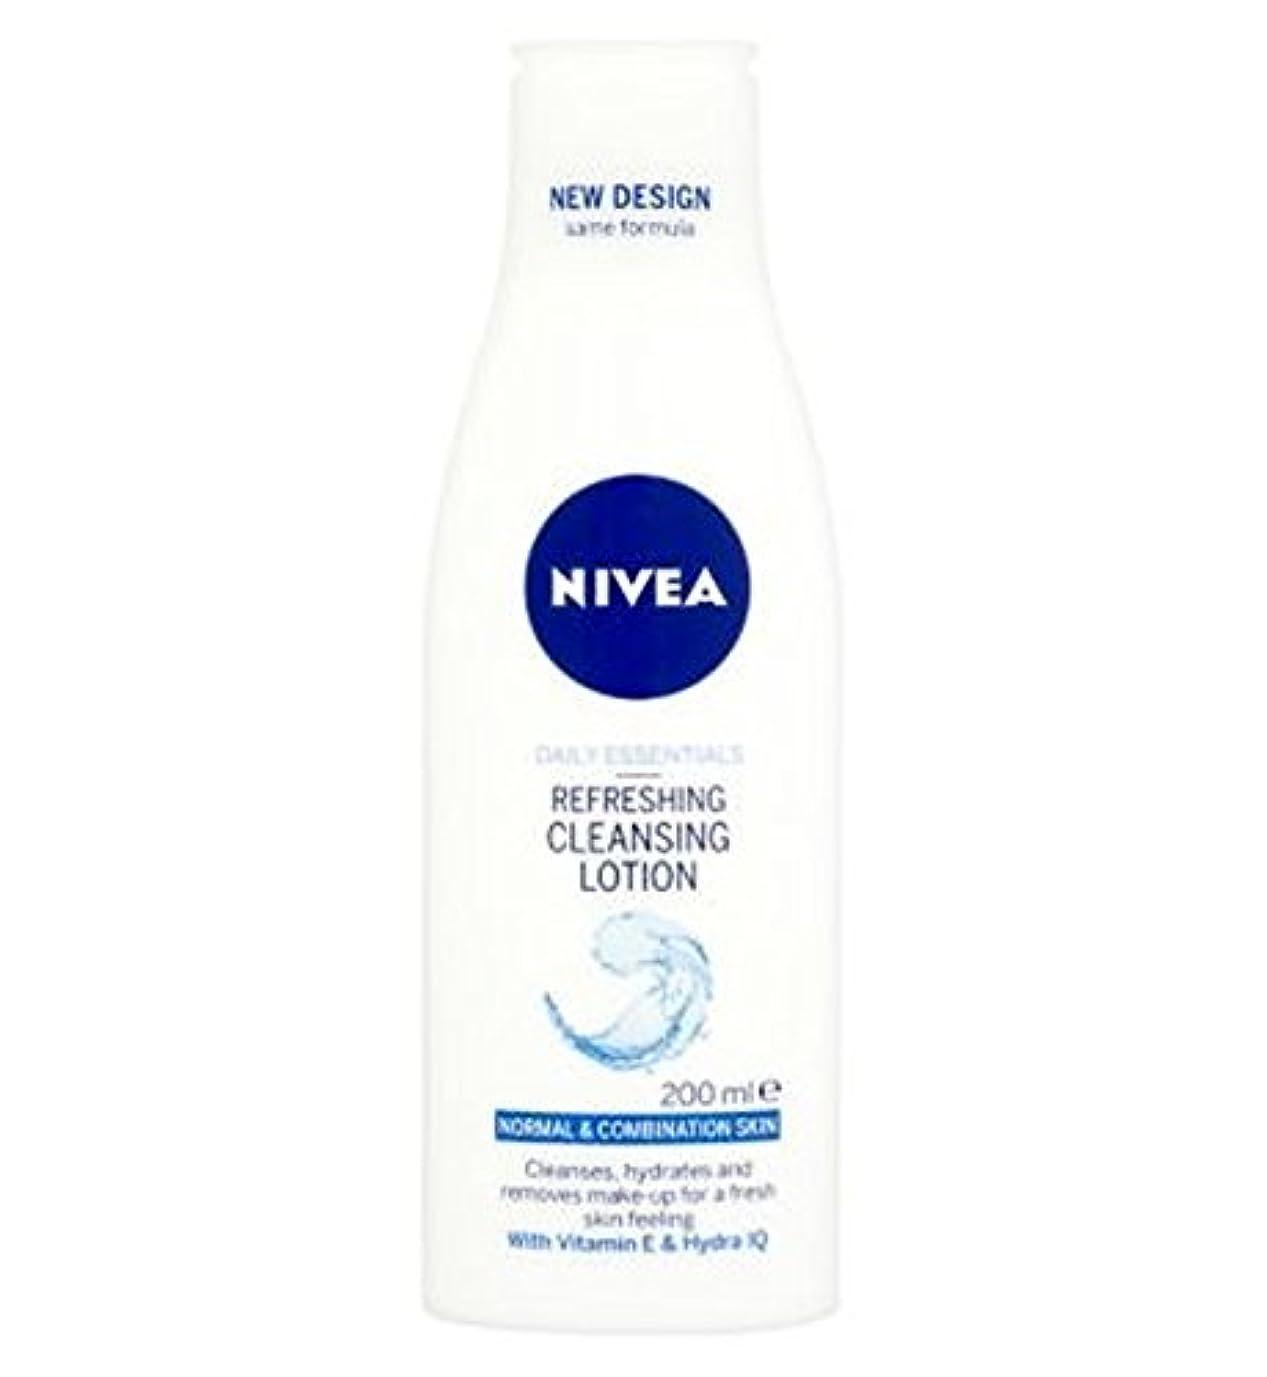 ラグ不安定なマットNivea Daily Essentials Refreshing Cleansing Lotion For Normal to Combination Skin 200ml - 混合肌の200ミリリットルに、通常のためのクレンジングローションをリフレッシュニベア生活必需品 (Nivea) [並行輸入品]